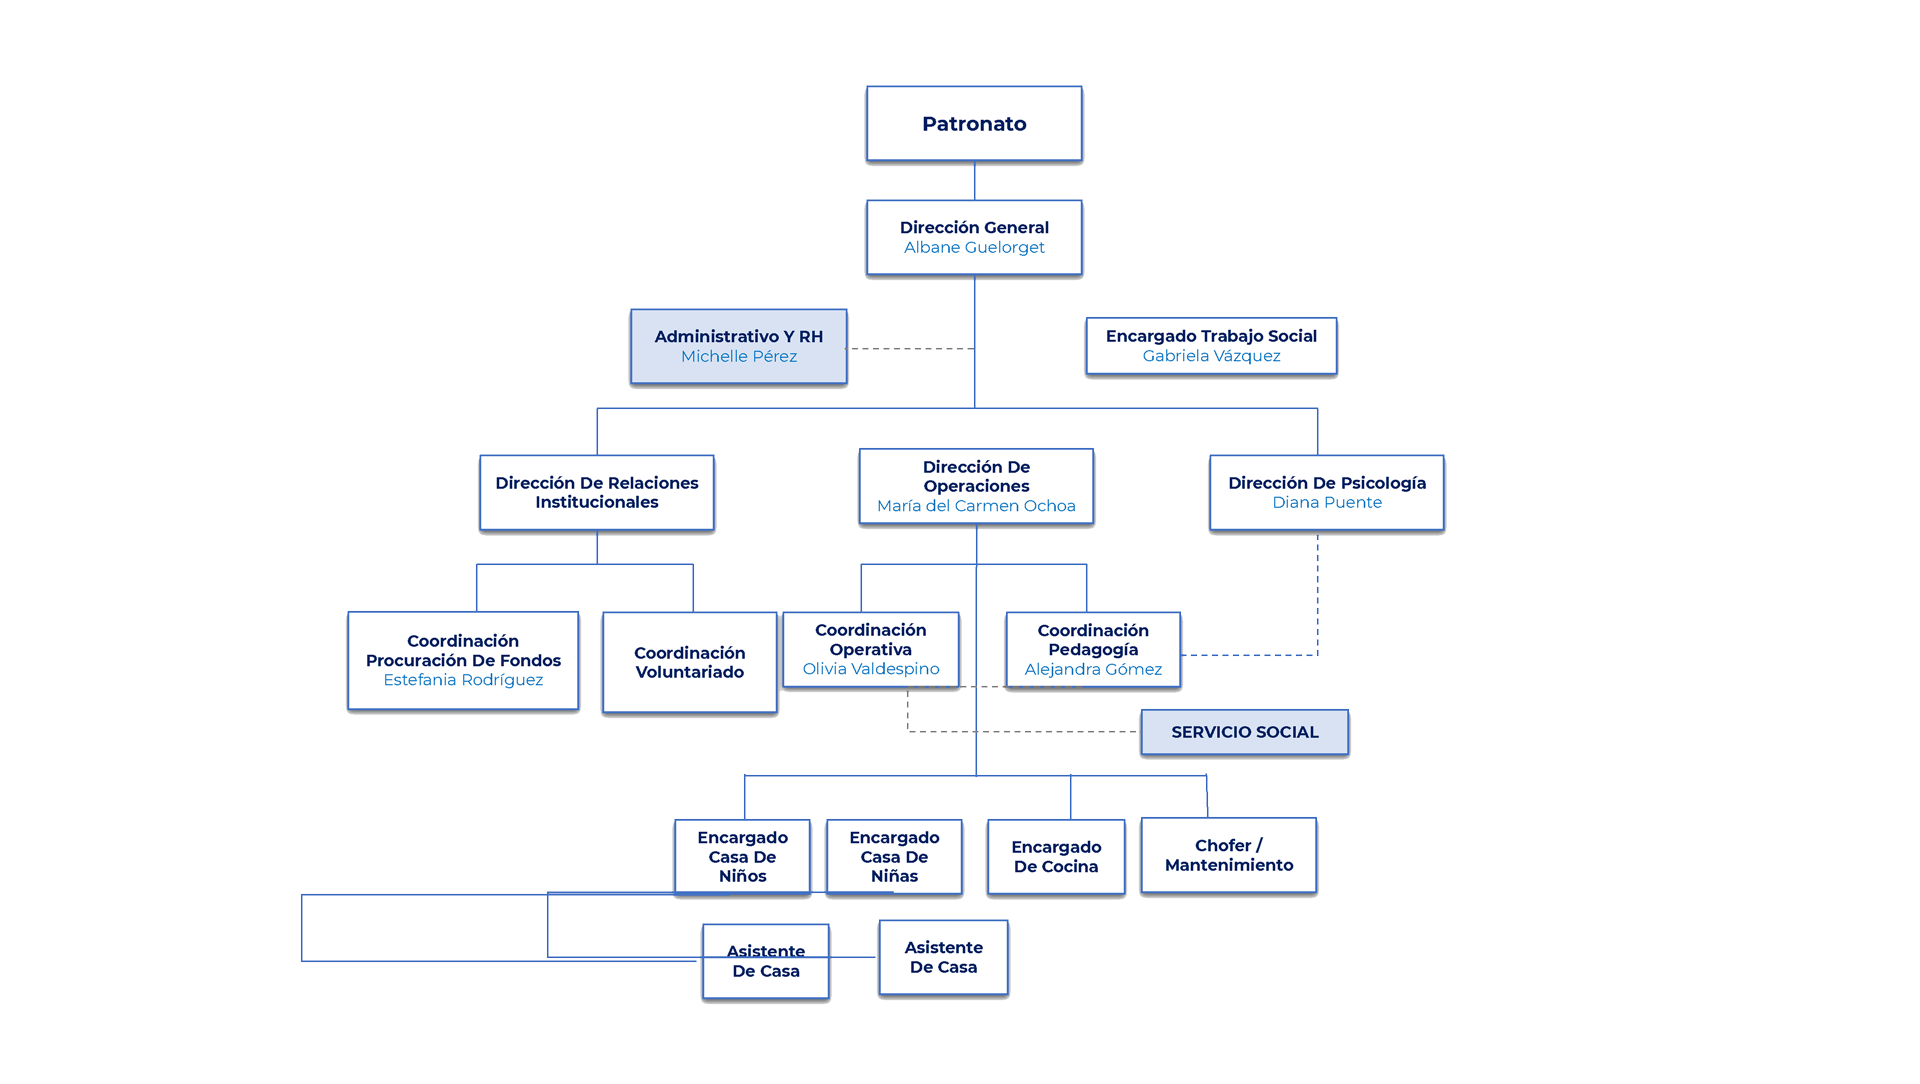 organigramas-FUNFAI-2021